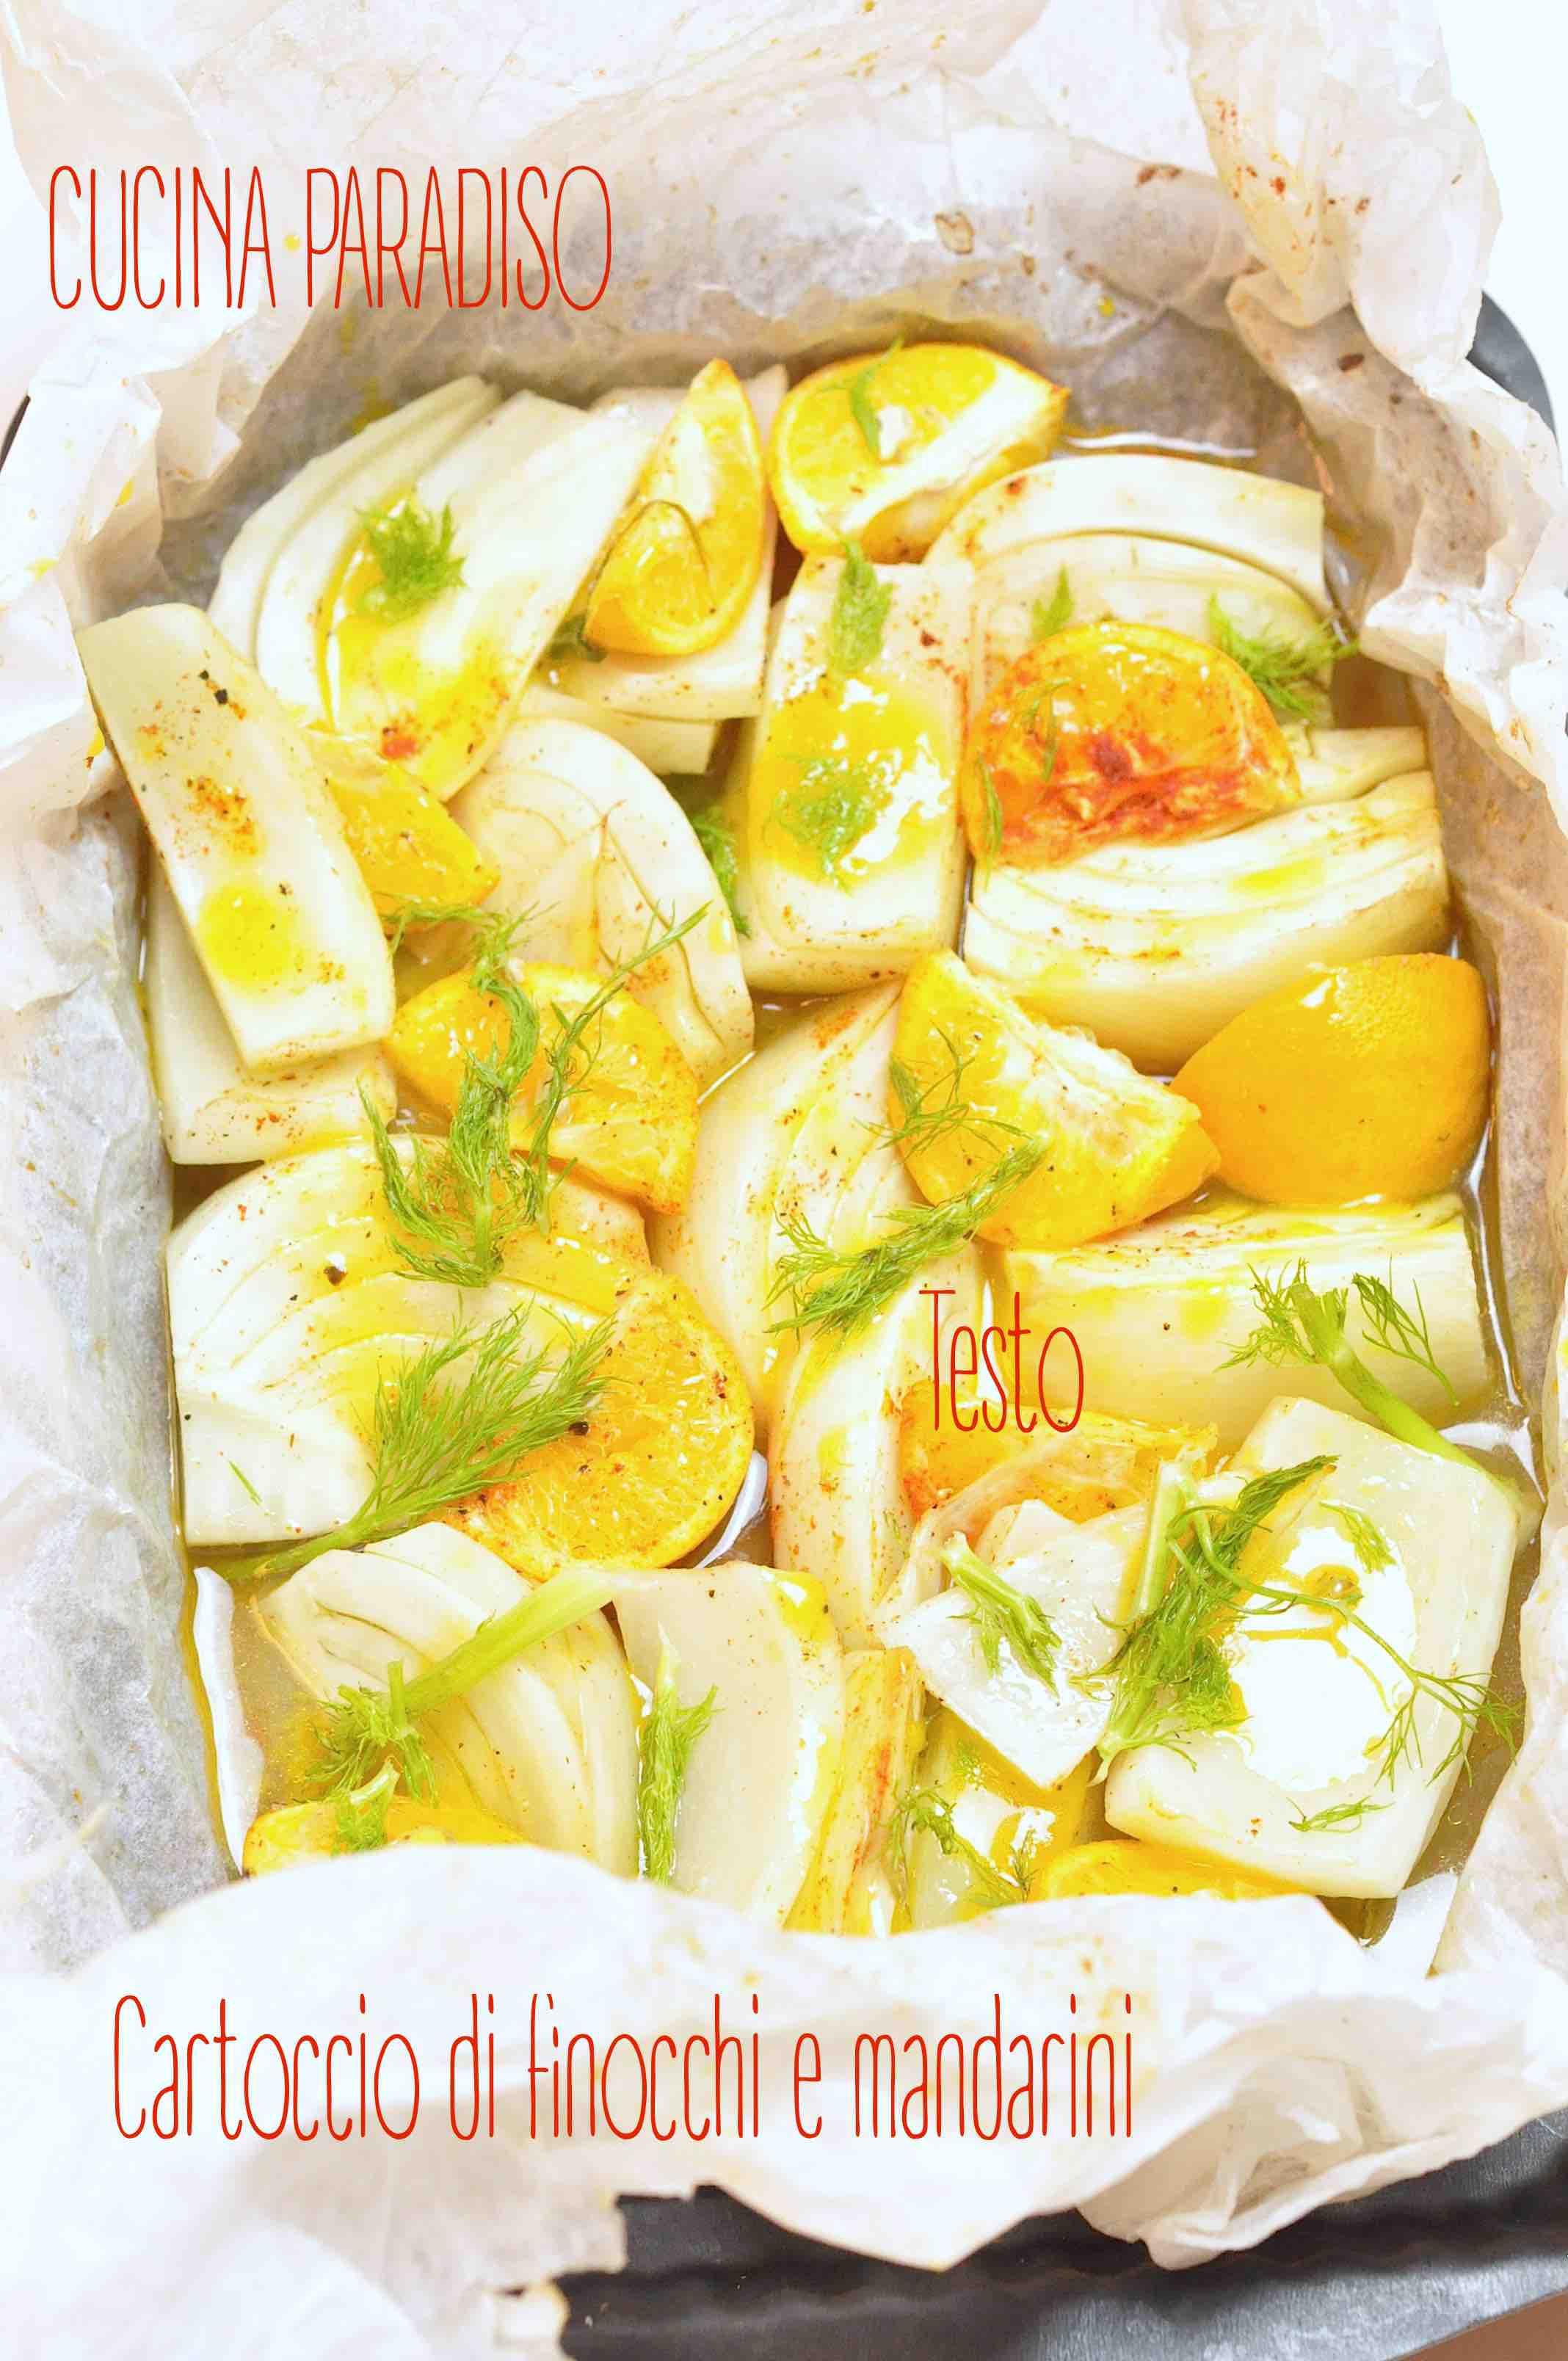 Cartoccio di finocchi e mandarini